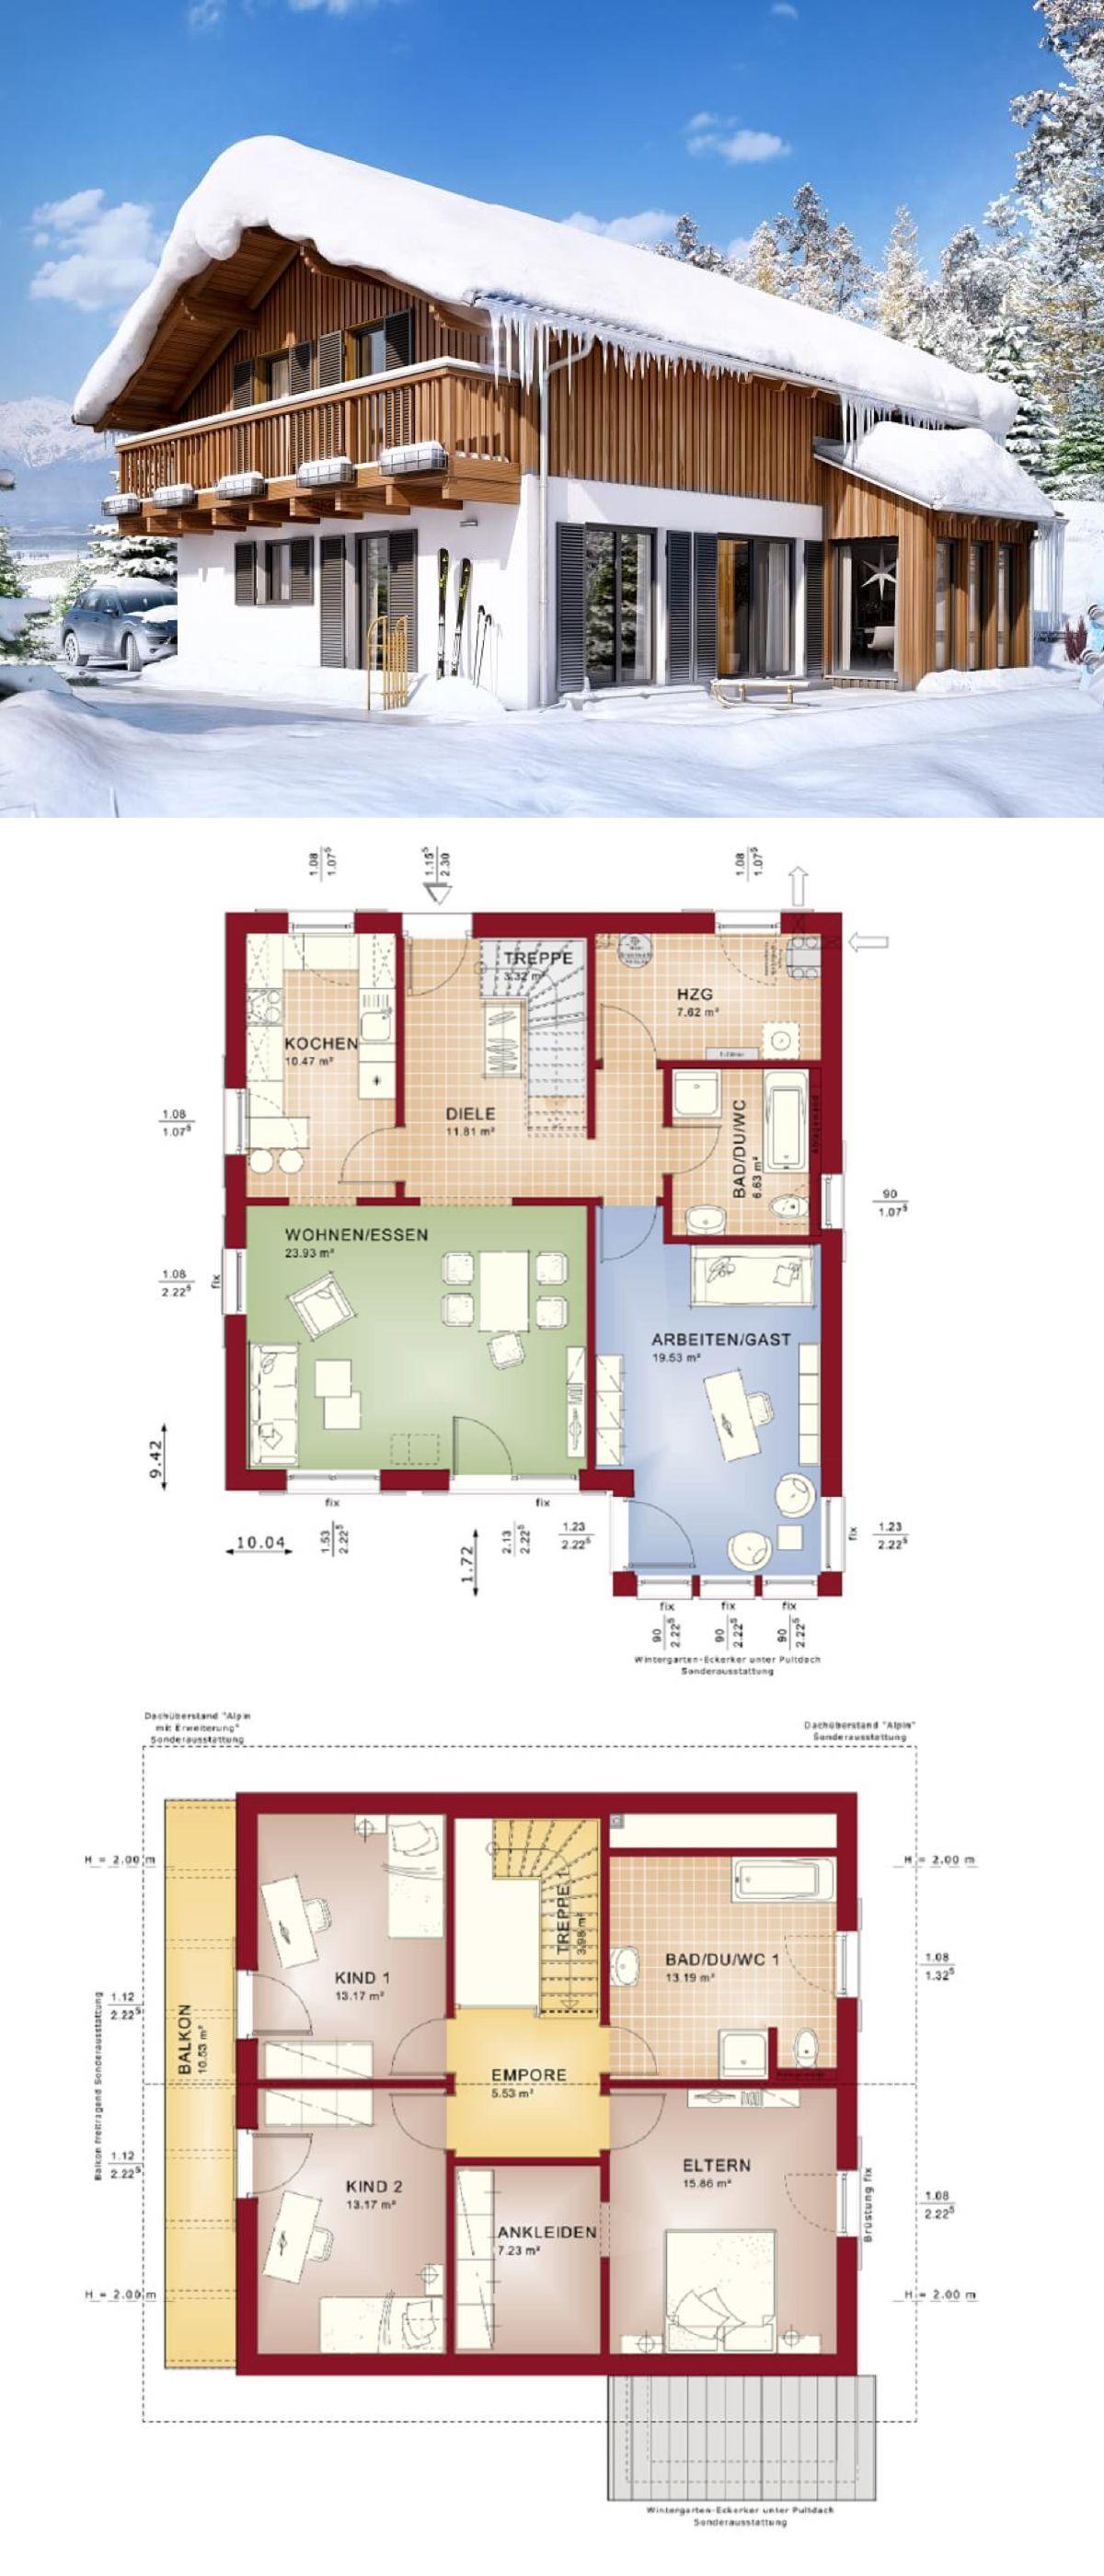 Hauspläne einfamilienhaus neubau  Einfamilienhaus Neubau im Alpenstil mit Satteldach & Holzfassade ...